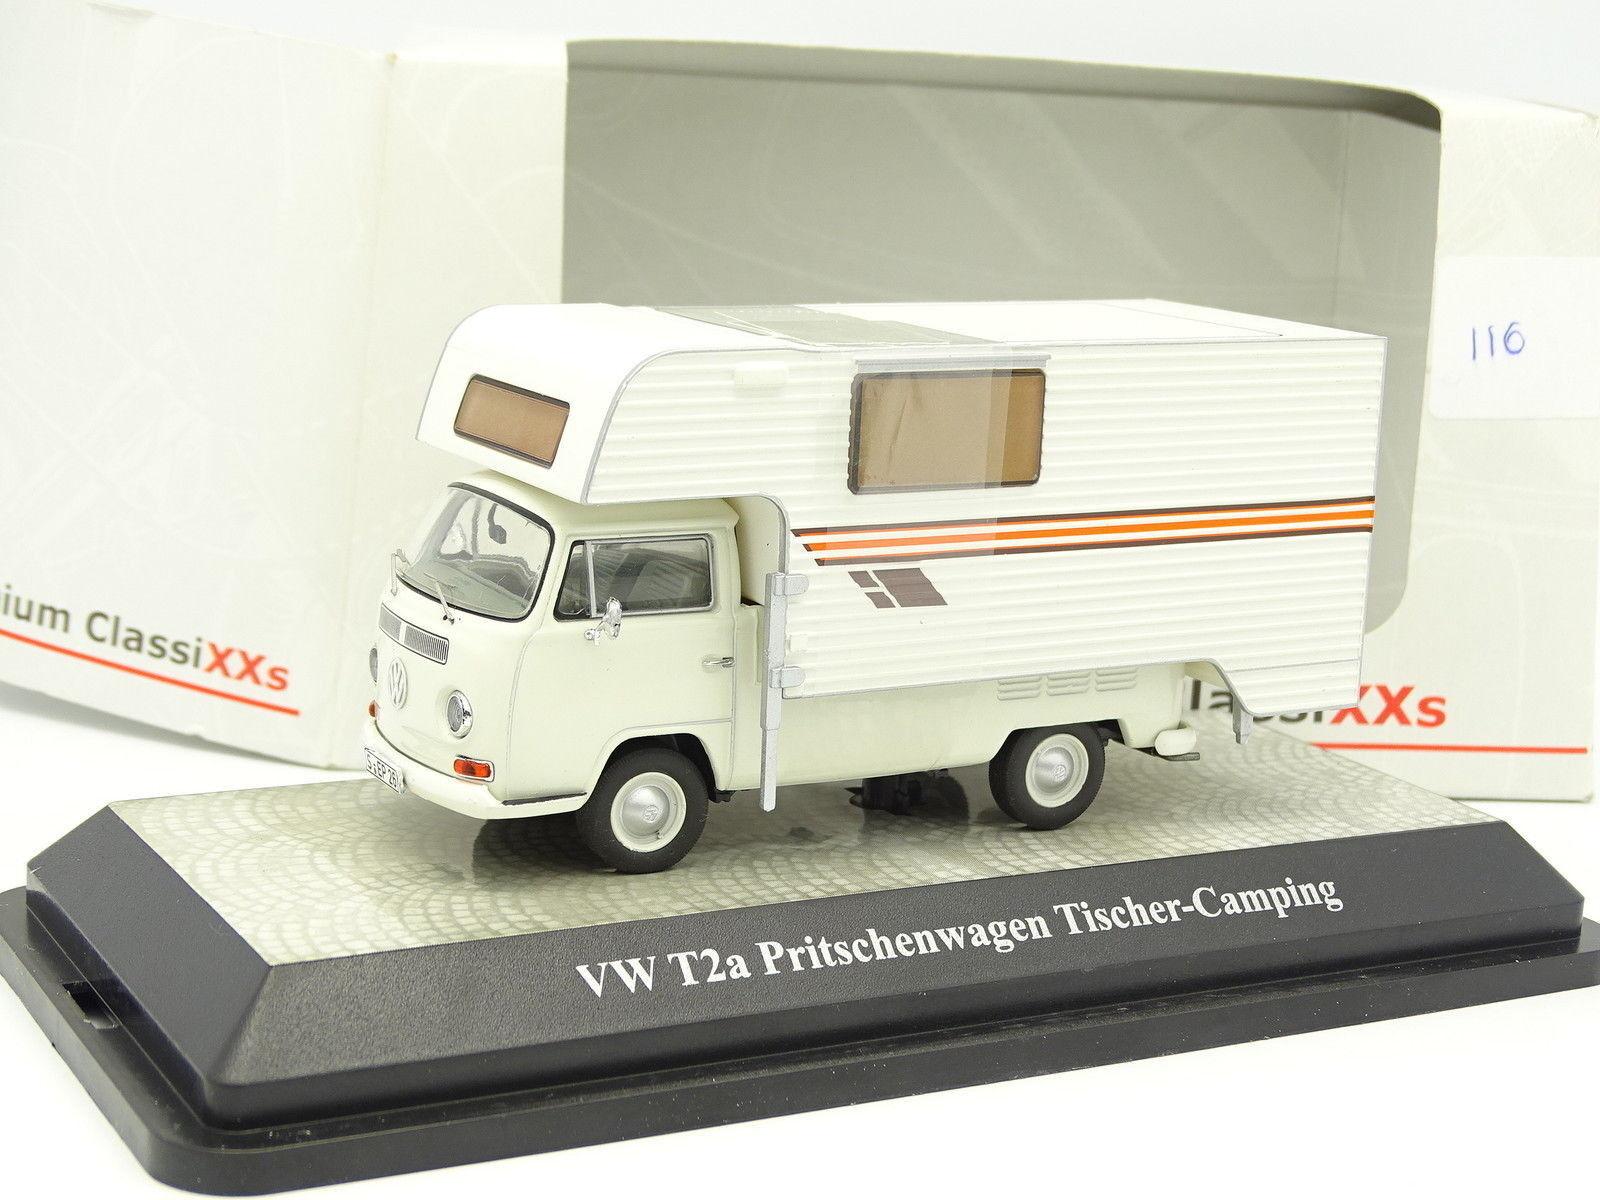 Premium Classixxs 1 43 - VW Combi T2A Autocaravana